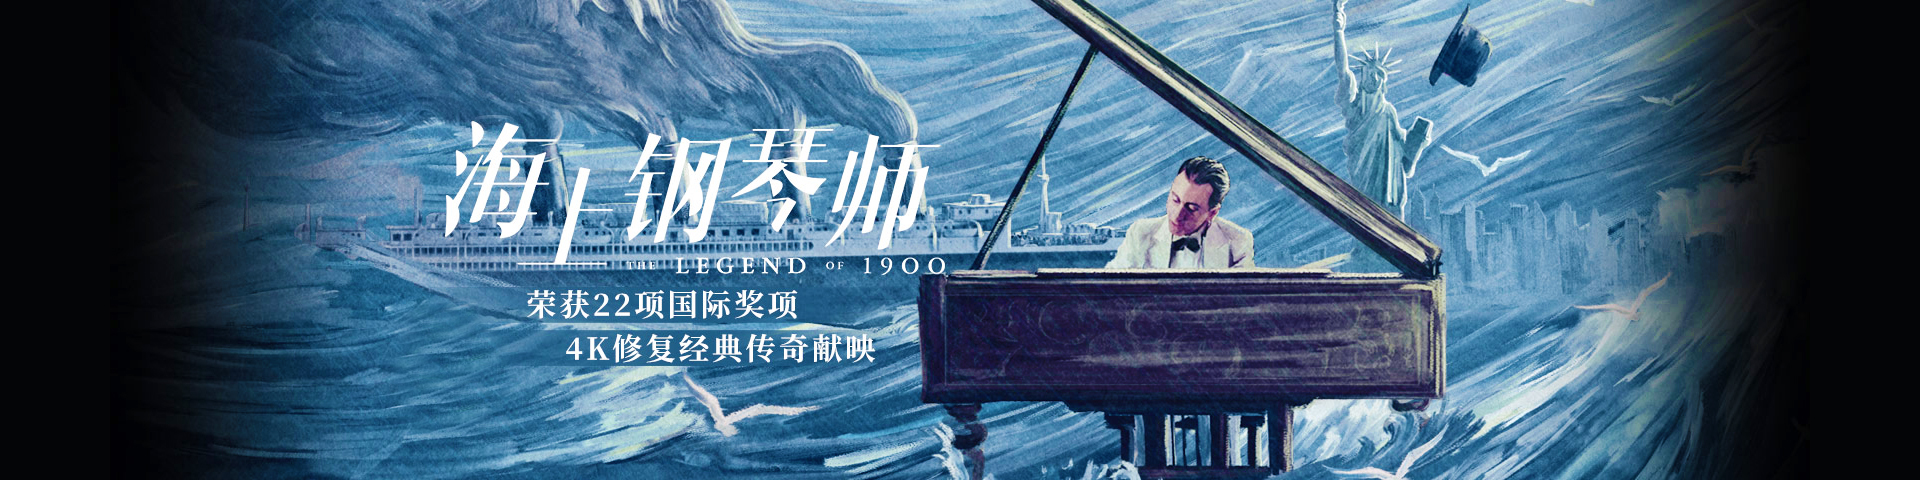 海上钢琴师 高清